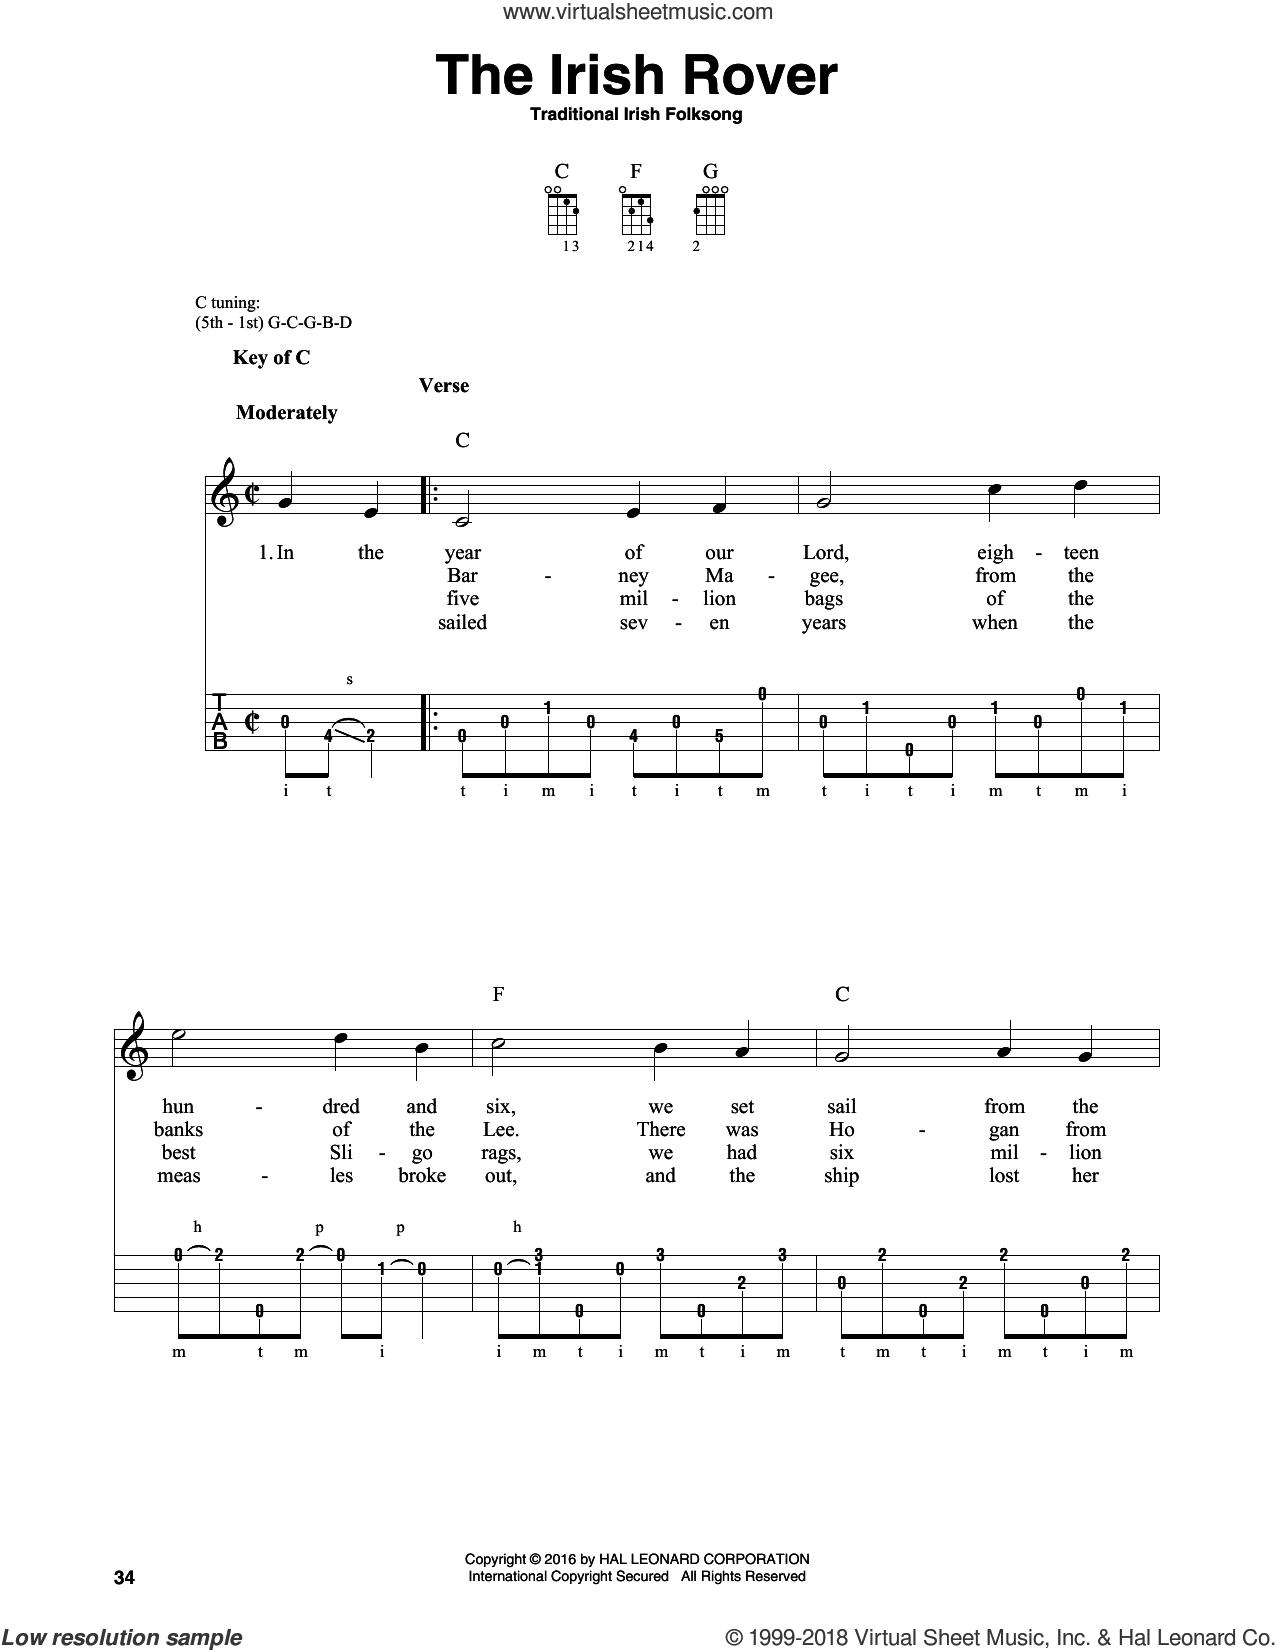 The Irish Rover sheet music for banjo solo, intermediate skill level